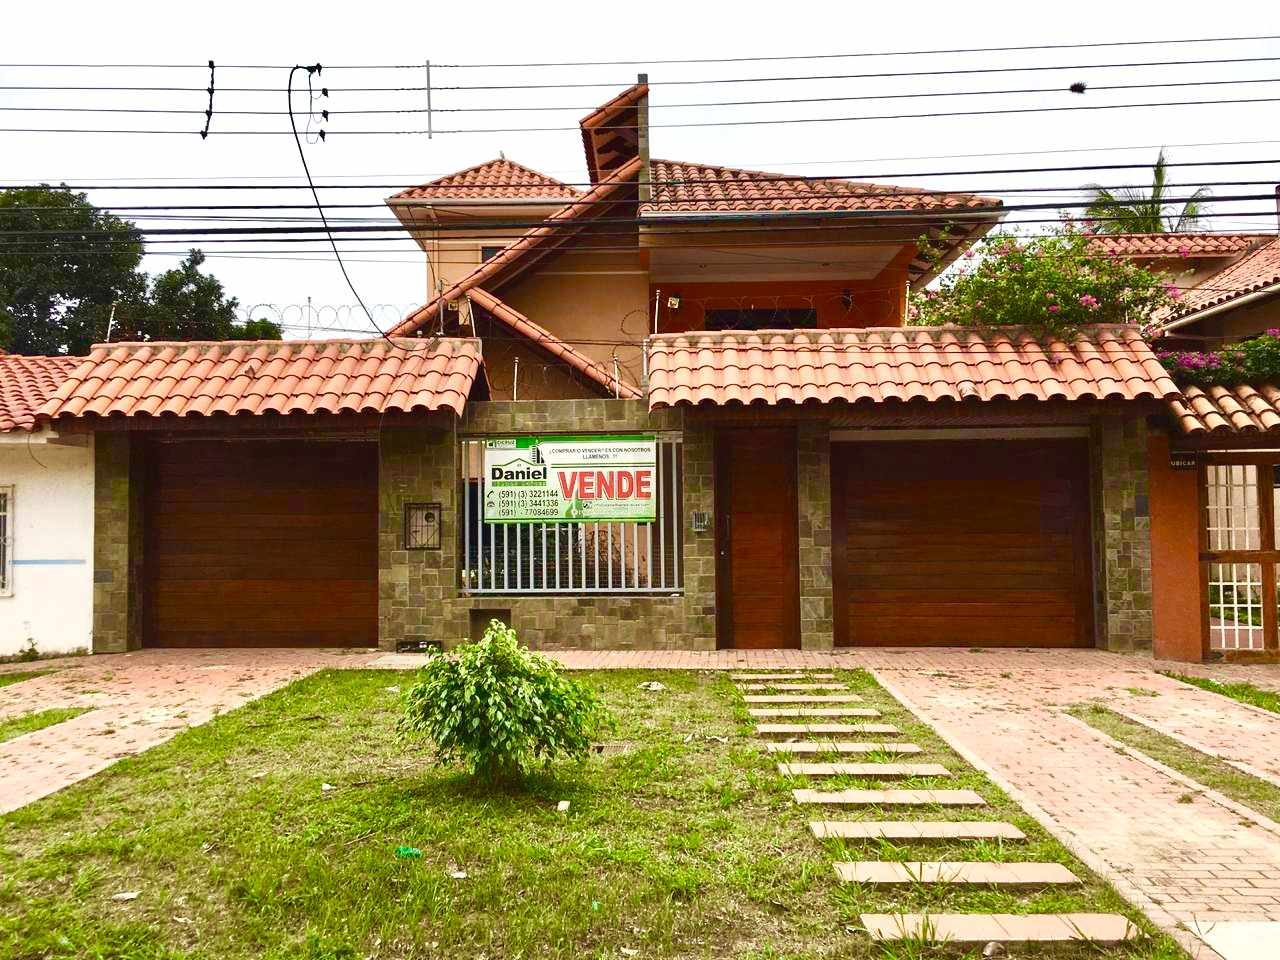 Casa en Venta CASA GRANDE ENTRE 4TO Y 5TO ANILLO RADIAL 27 Foto 1